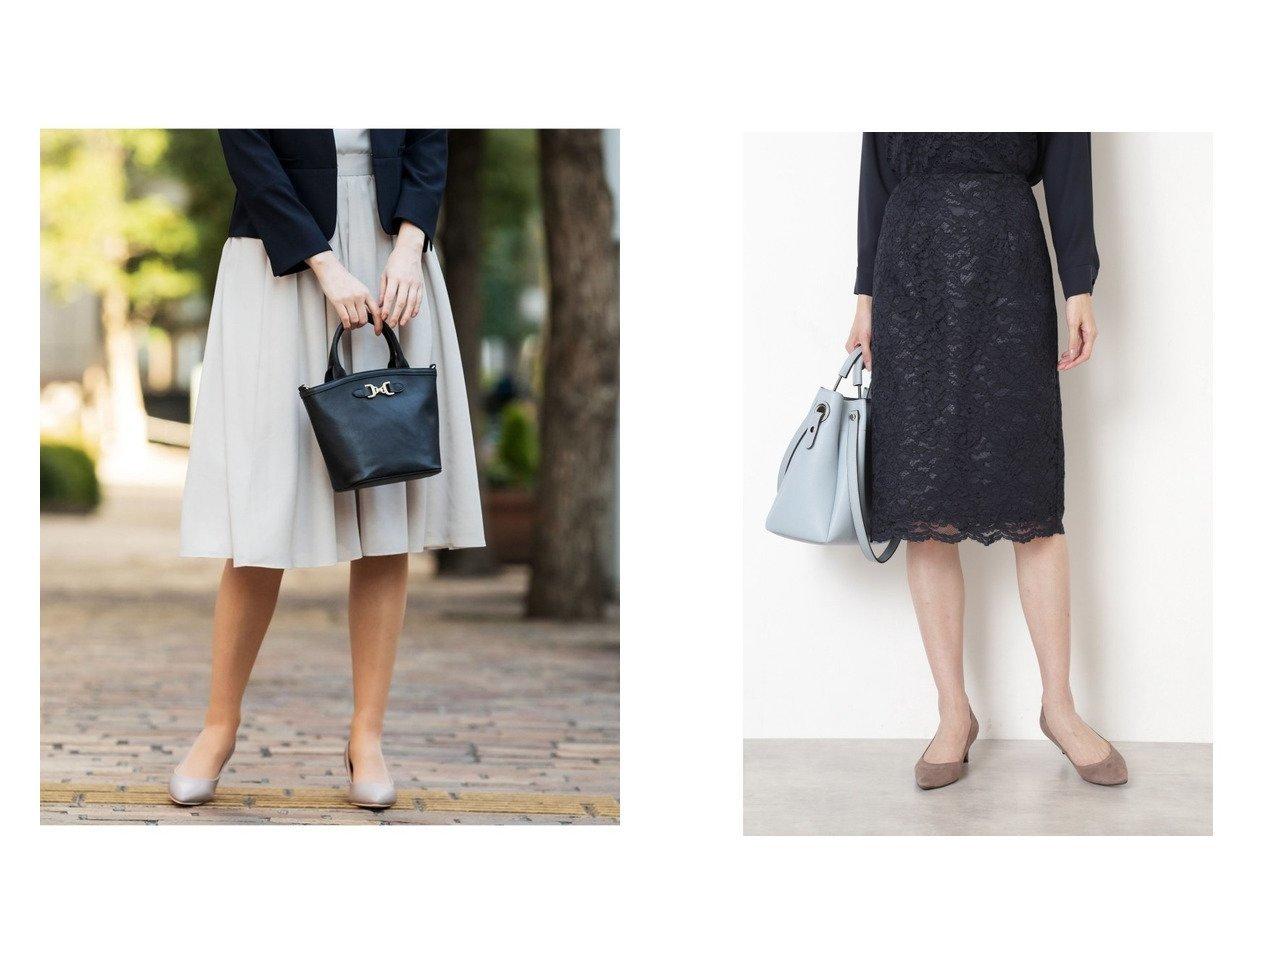 【any SiS/エニィ スィス】の【洗える】タックギャザーエアリー スカート&【NATURAL BEAUTY BASIC/ナチュラル ビューティー ベーシック】のスカラレースタイトスカート 【スカート】おすすめ!人気、トレンド・レディースファッションの通販   | レディースファッション・服の通販 founy(ファニー)